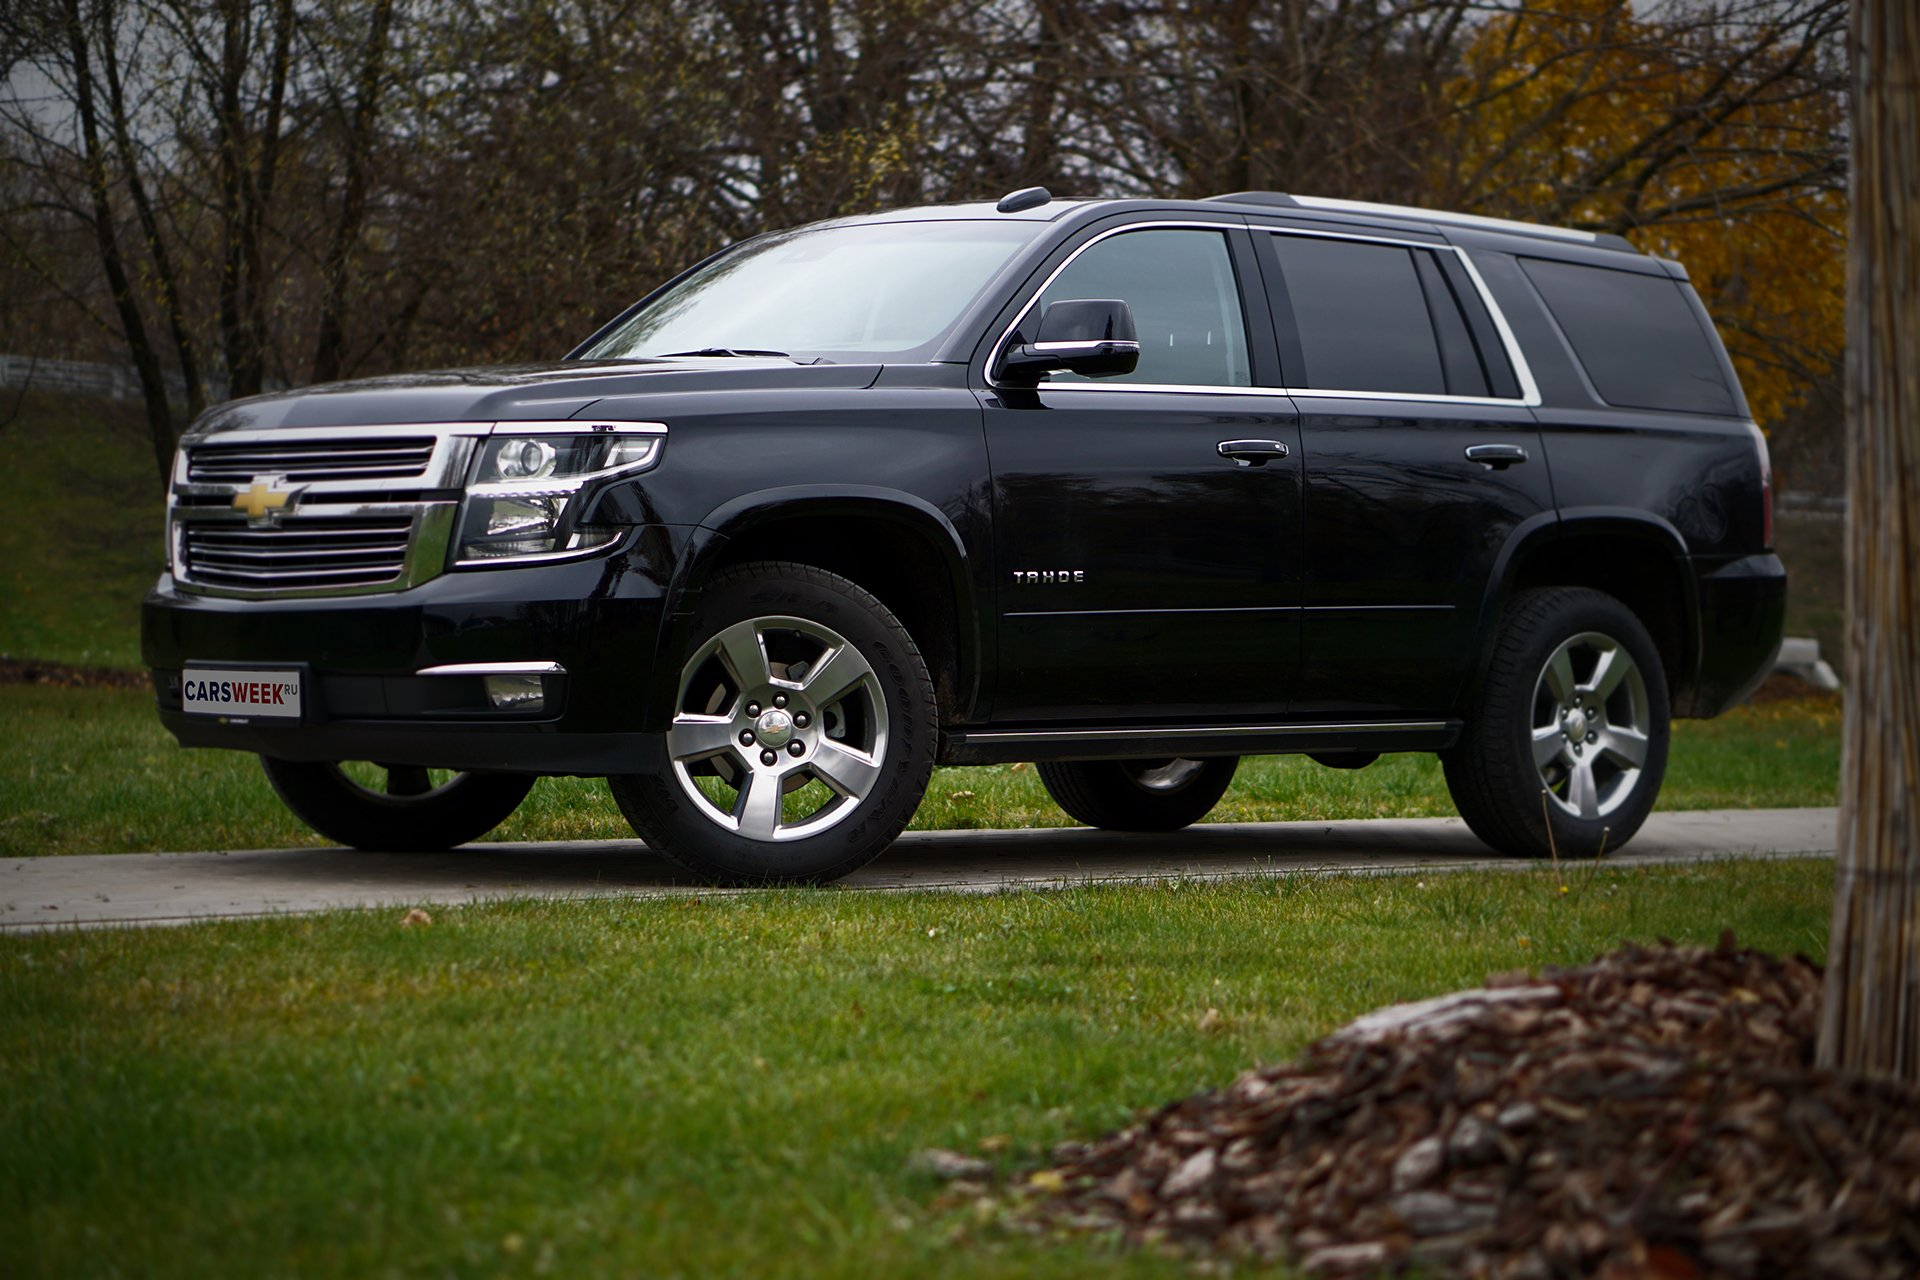 Тест-драйв Chevrolet Tahoe: чистокровный американец в русских полях - какой он?